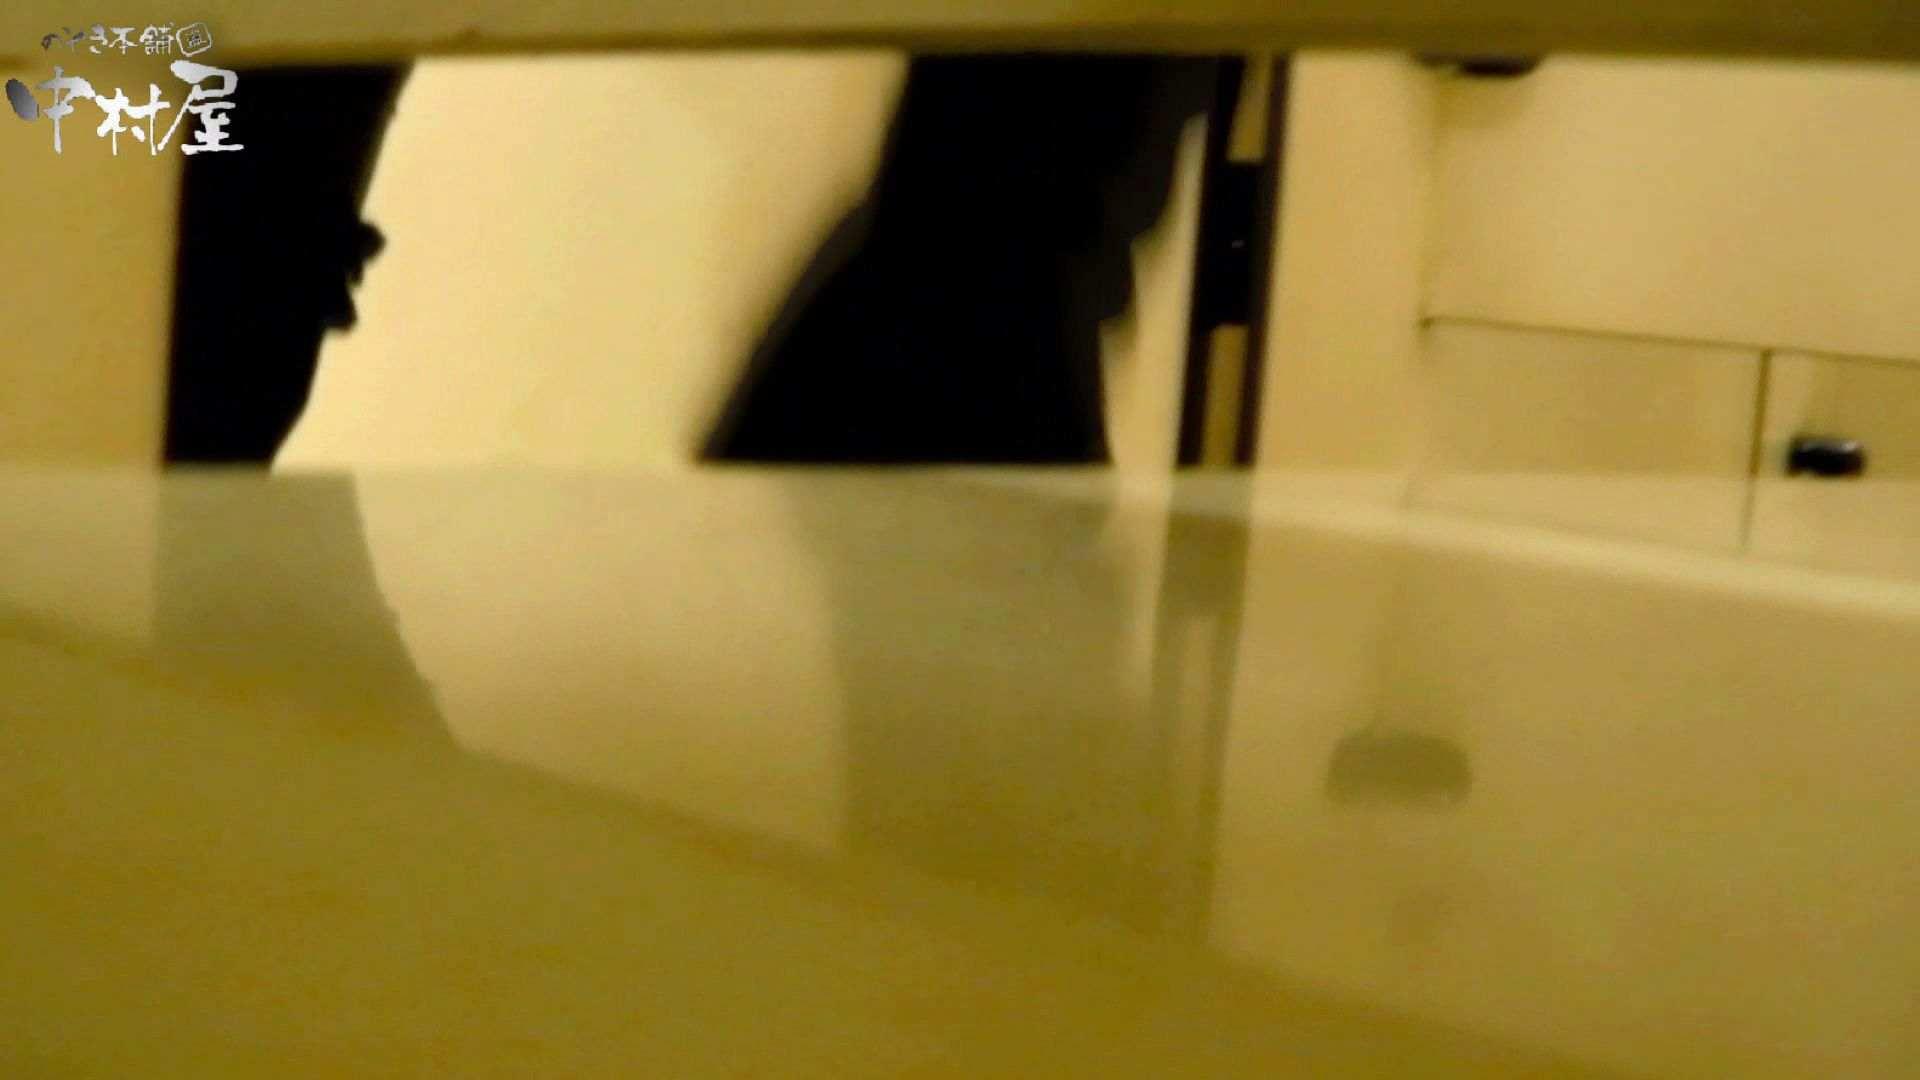 新世界の射窓 No72 モデル級なら個室から飛び出て追っかけます 洗面所  41連発 22